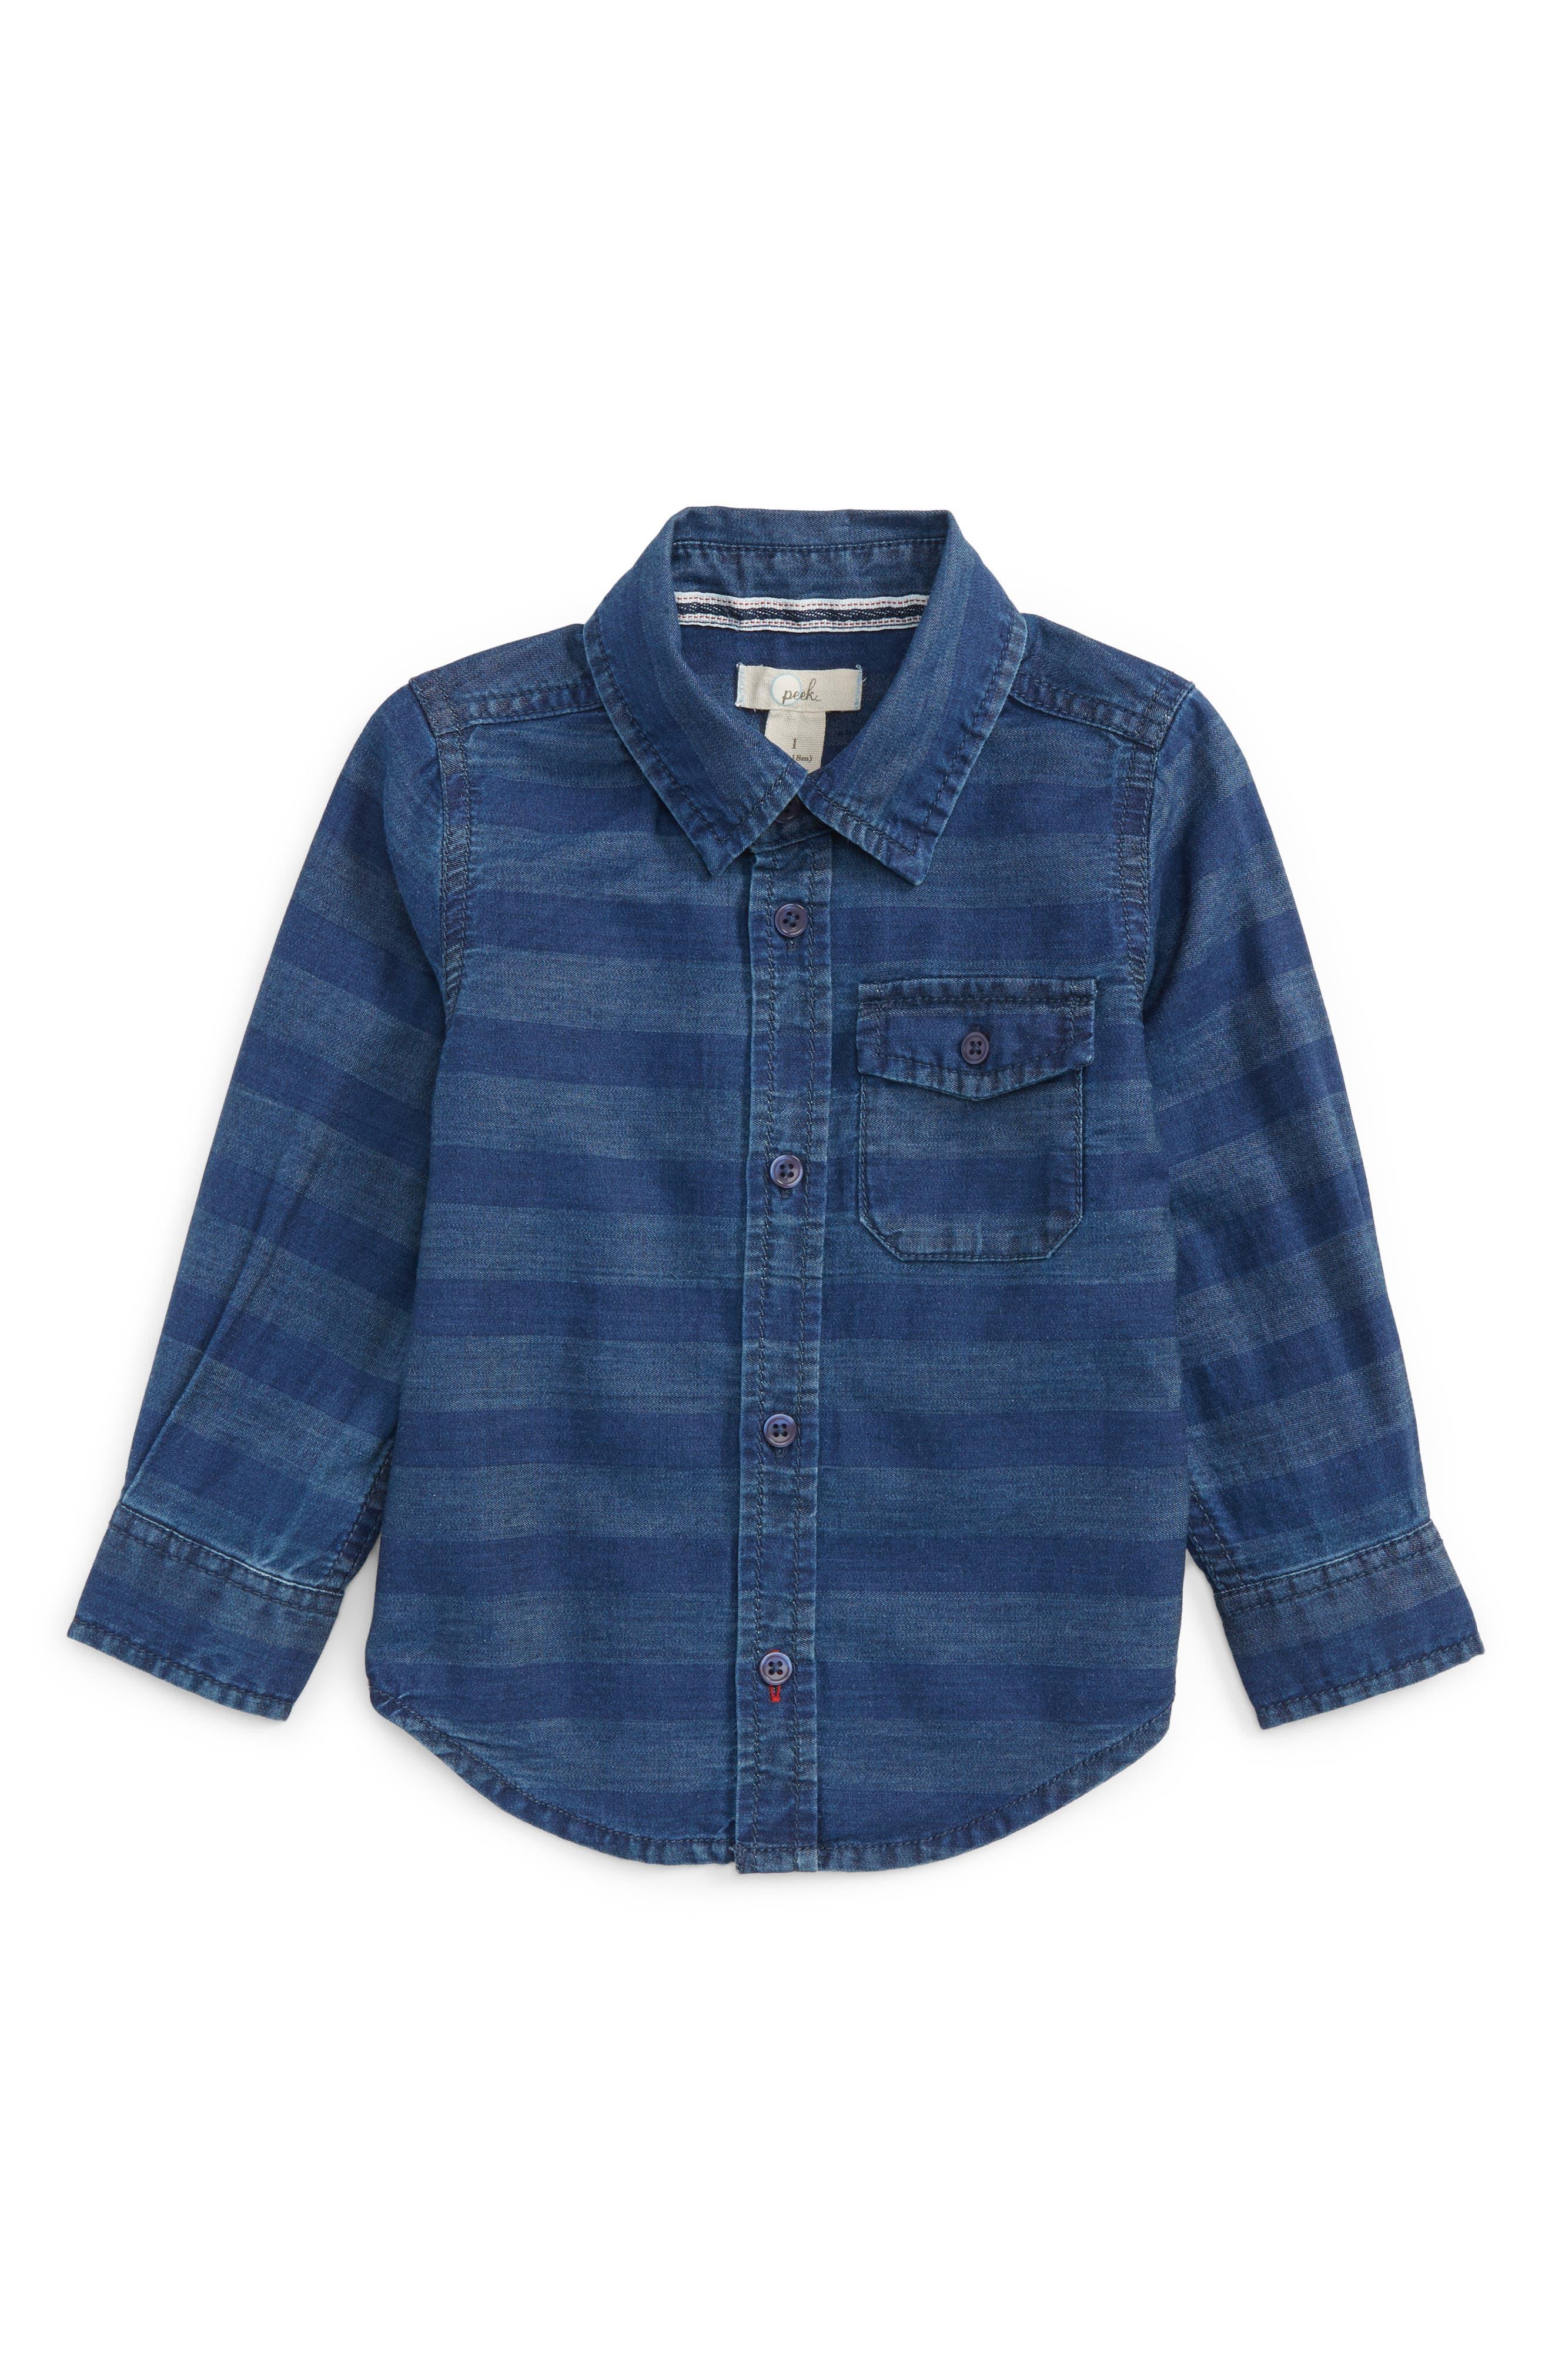 Aiden Stripe Chambray Shirt,                         Main,                         color, Indigo